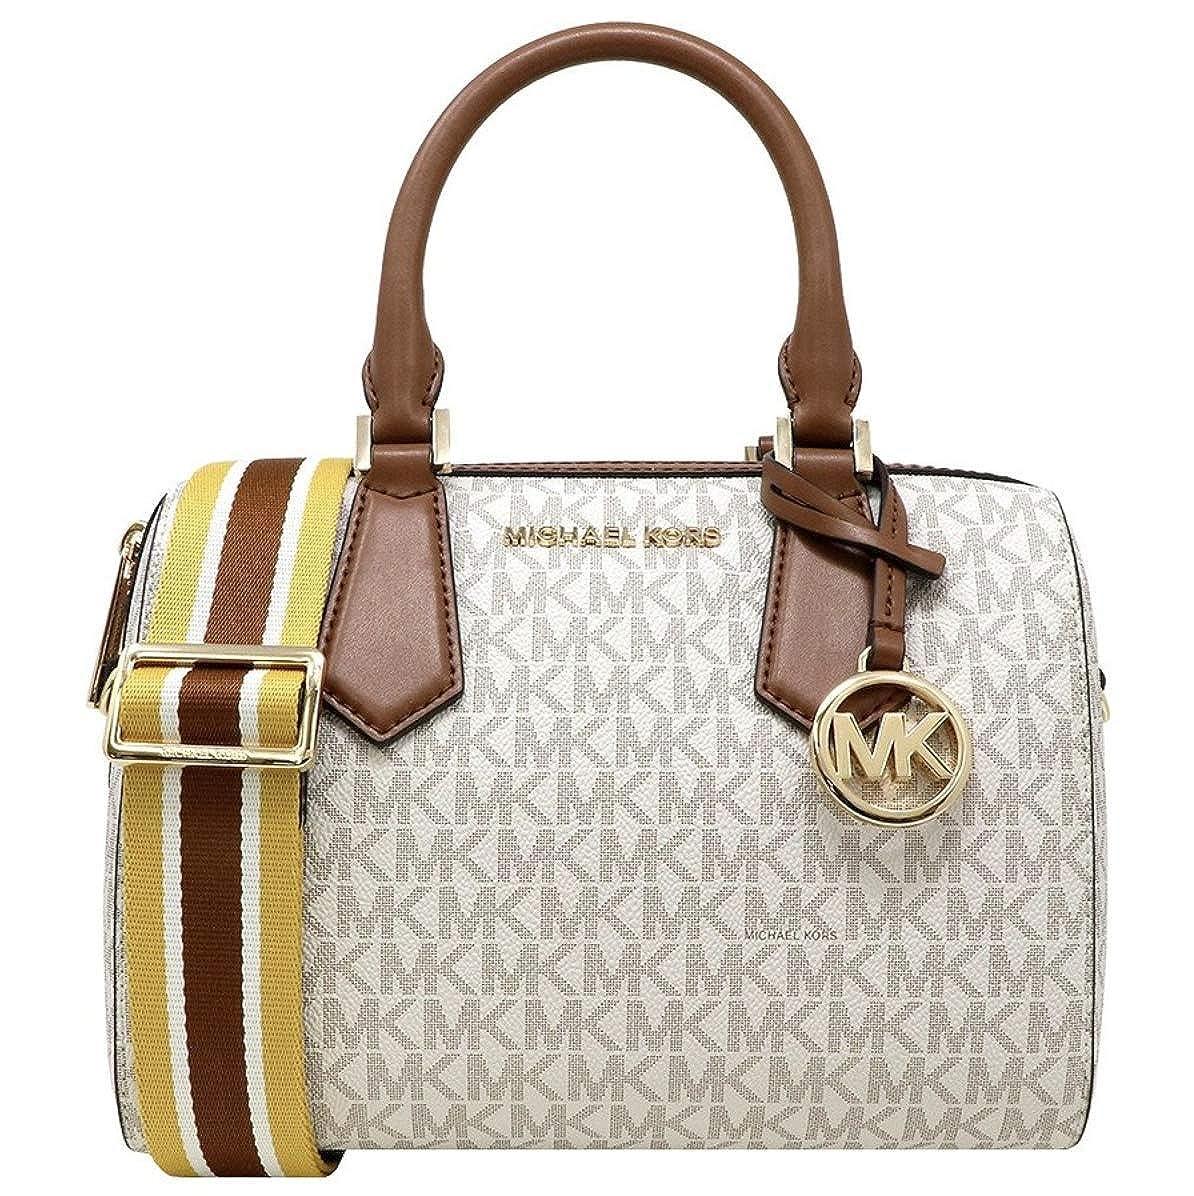 Michael Kors Small Hayes Duffle Crossbody Bag Vanilla